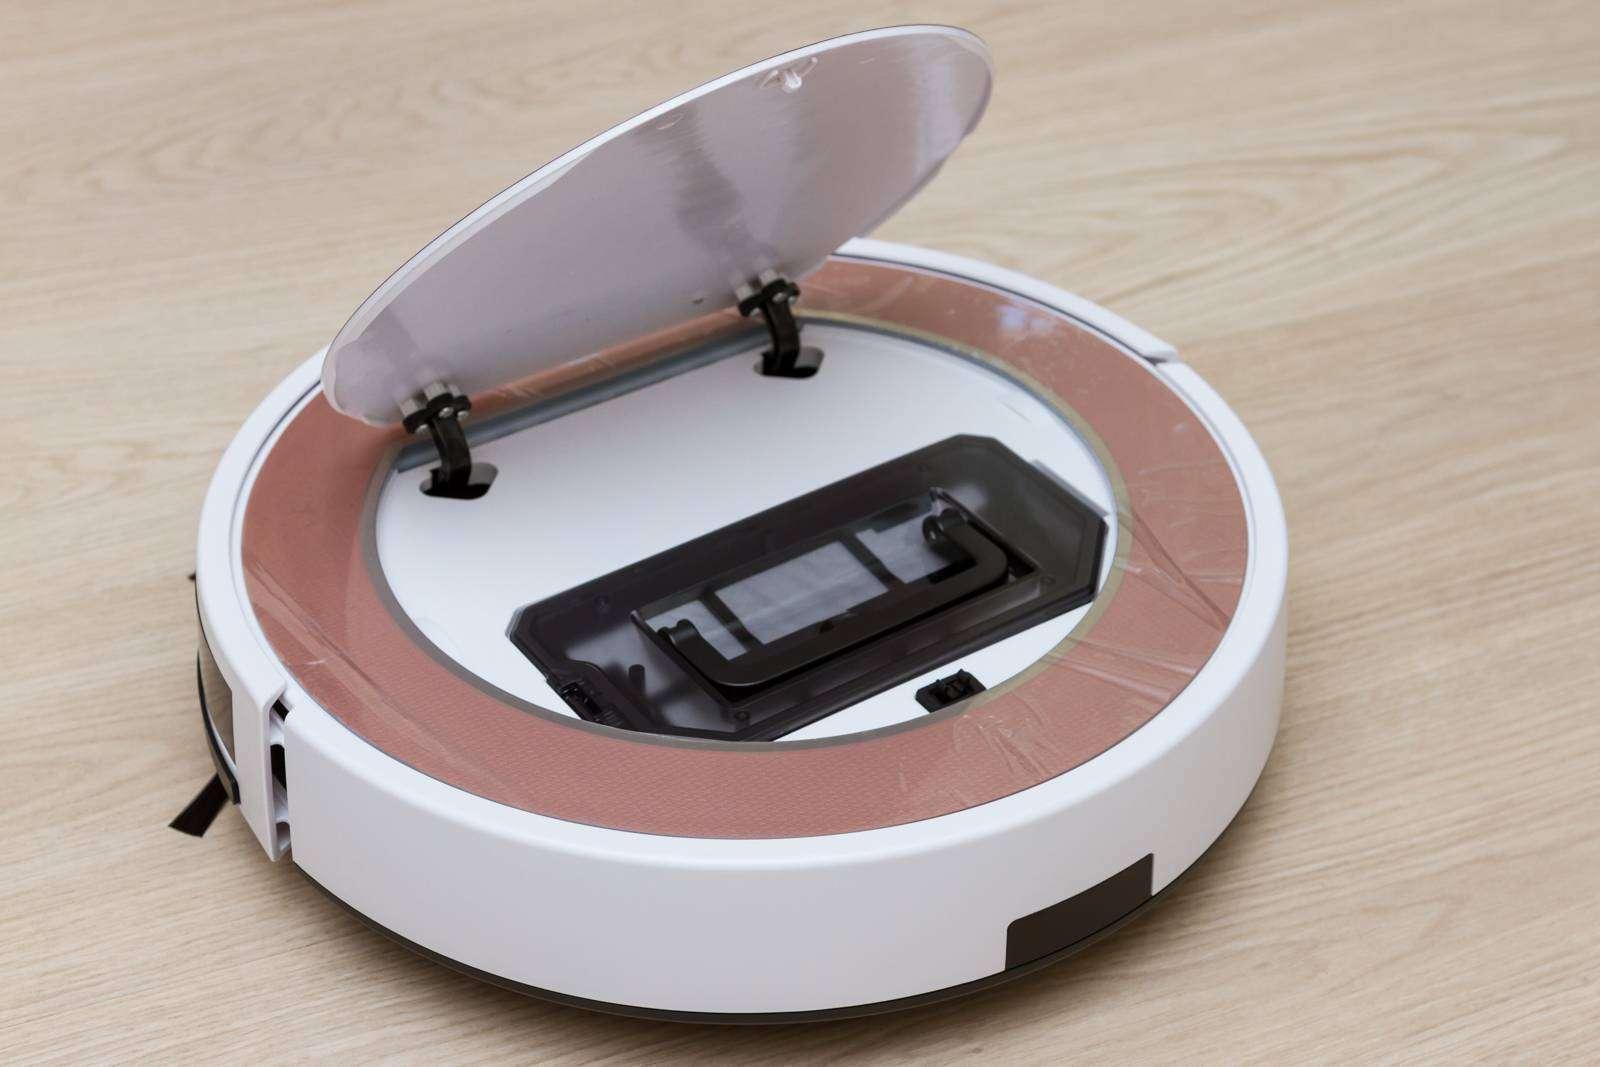 GearBest: ILIFE V7S - робот пылесос для дома с турбощеткой и мытьем полов, сравнение с ILIFE V5 Pro